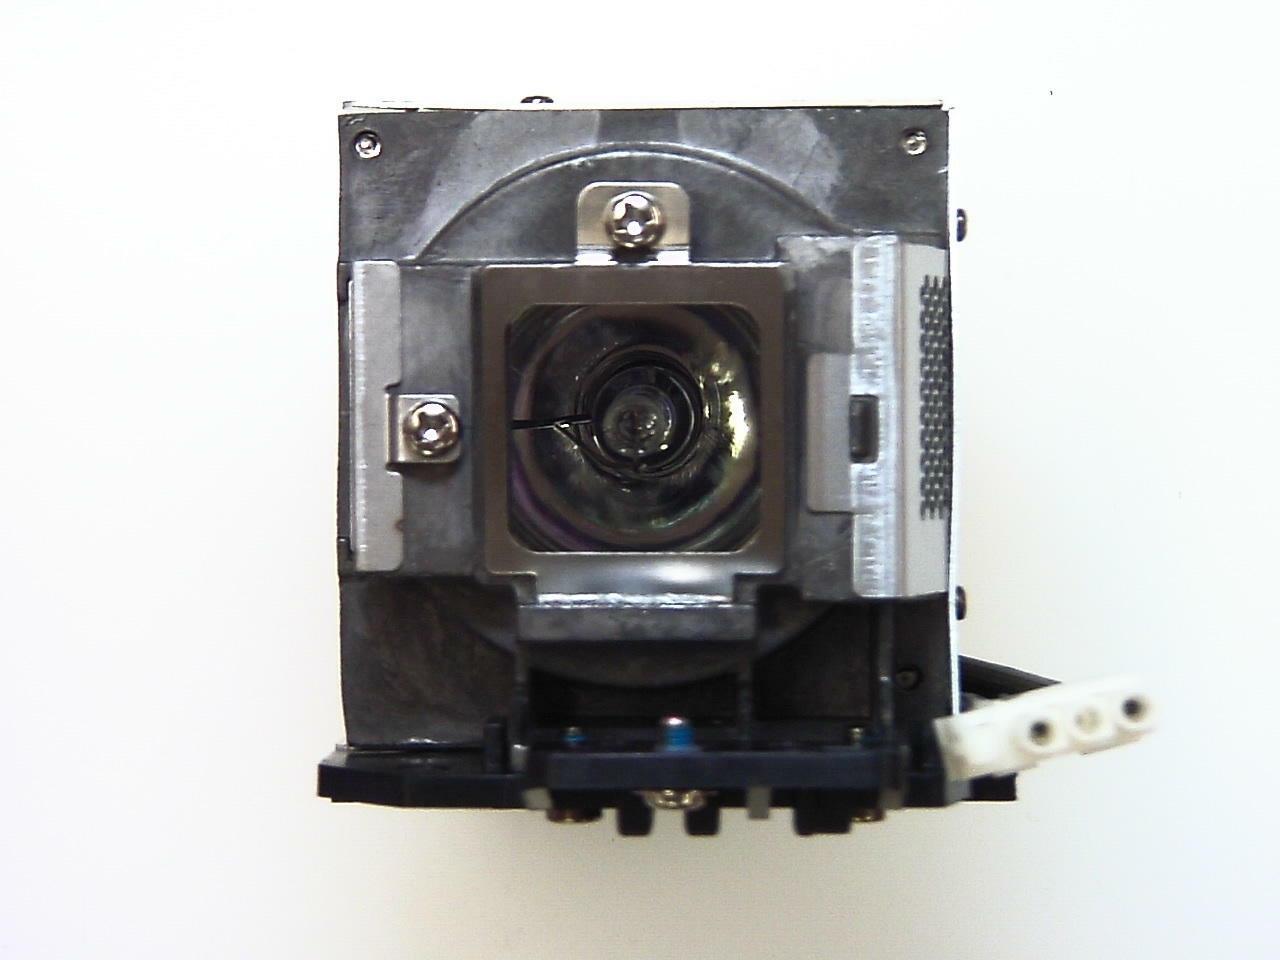 Lámpara ACER S5200